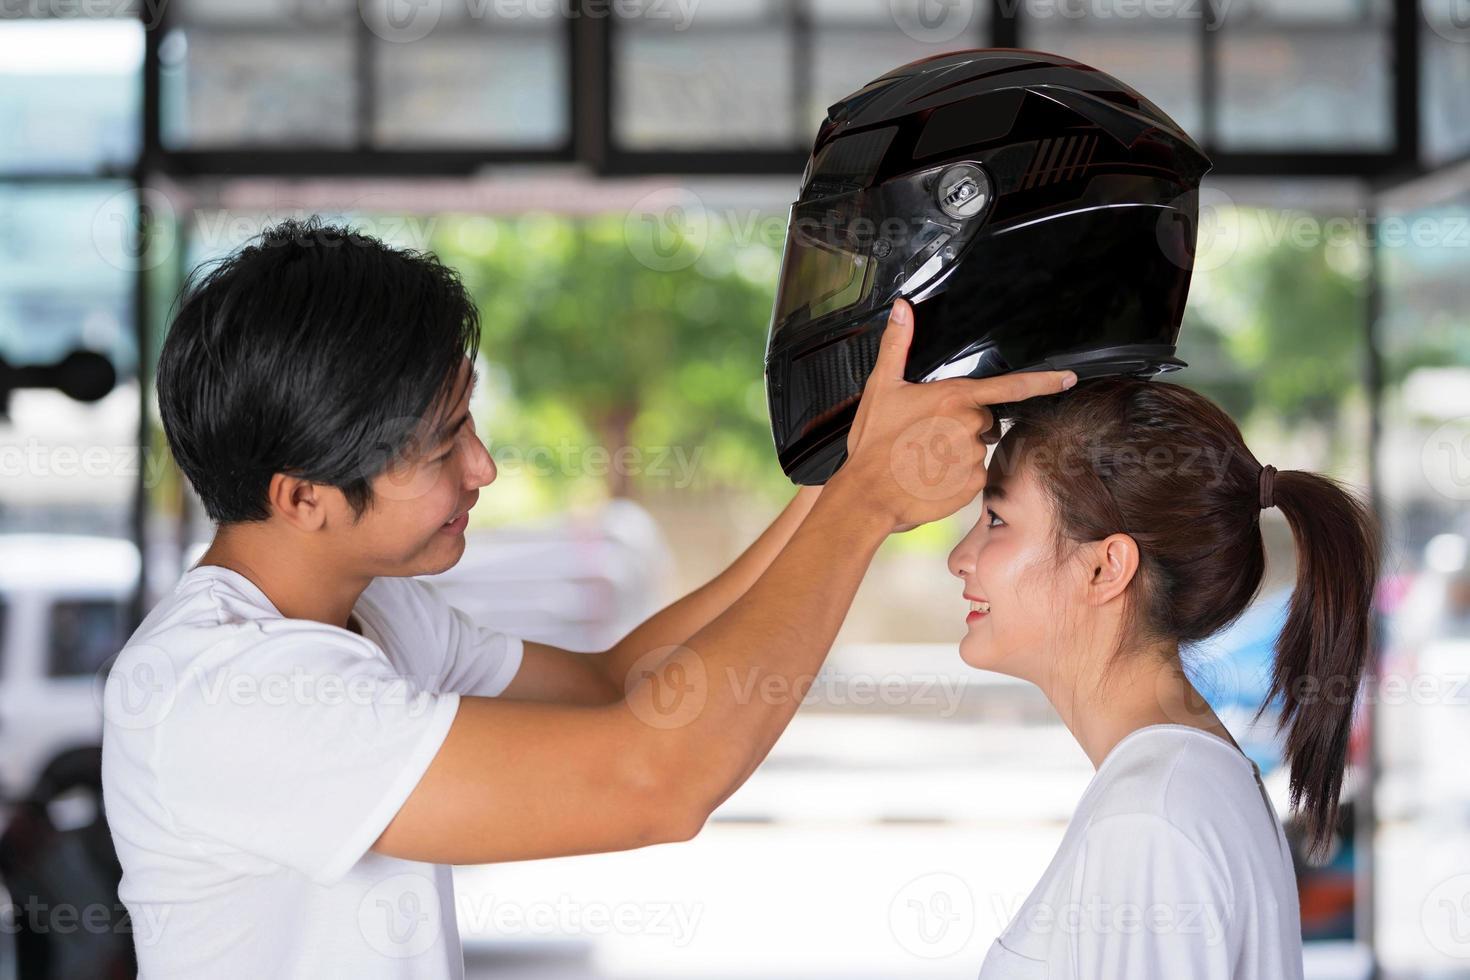 casal viajando em pé usando um capacete de motociclista foto